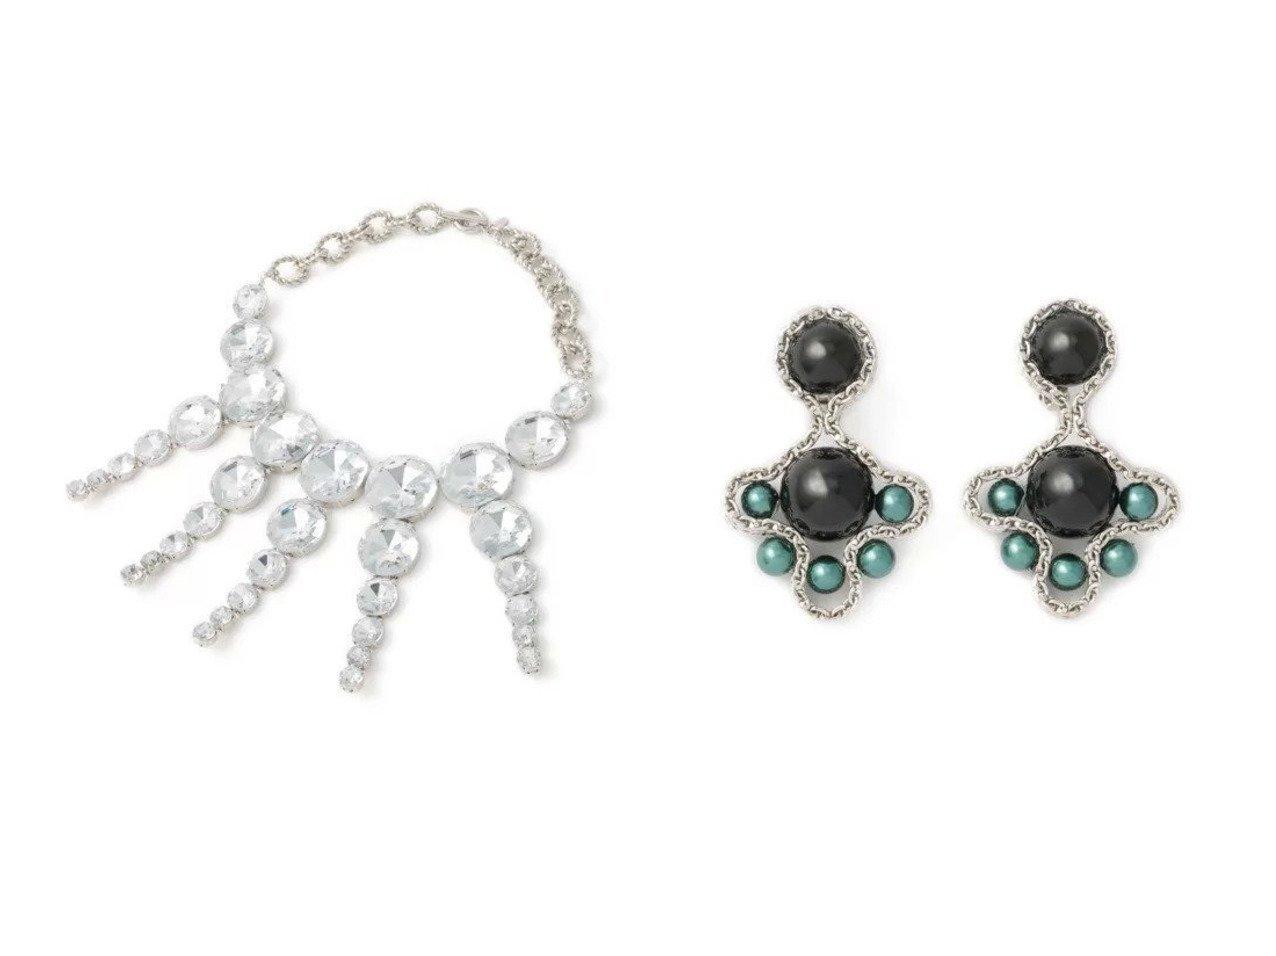 【TOGA PULLA/トーガ プルラ】のClover earrings&Rhinestone necklace TOGA PULLAのおすすめ!人気、トレンド・レディースファッションの通販 おすすめで人気の流行・トレンド、ファッションの通販商品 メンズファッション・キッズファッション・インテリア・家具・レディースファッション・服の通販 founy(ファニー) https://founy.com/ ファッション Fashion レディースファッション WOMEN ジュエリー Jewelry ネックレス Necklaces リング Rings イヤリング Earrings 2021年 2021 2021 春夏 S/S SS Spring/Summer 2021 S/S 春夏 SS Spring/Summer アクセサリー シンプル ストーン ネックレス ラグジュアリー イヤリング チェーン ドレス モダン |ID:crp329100000020362